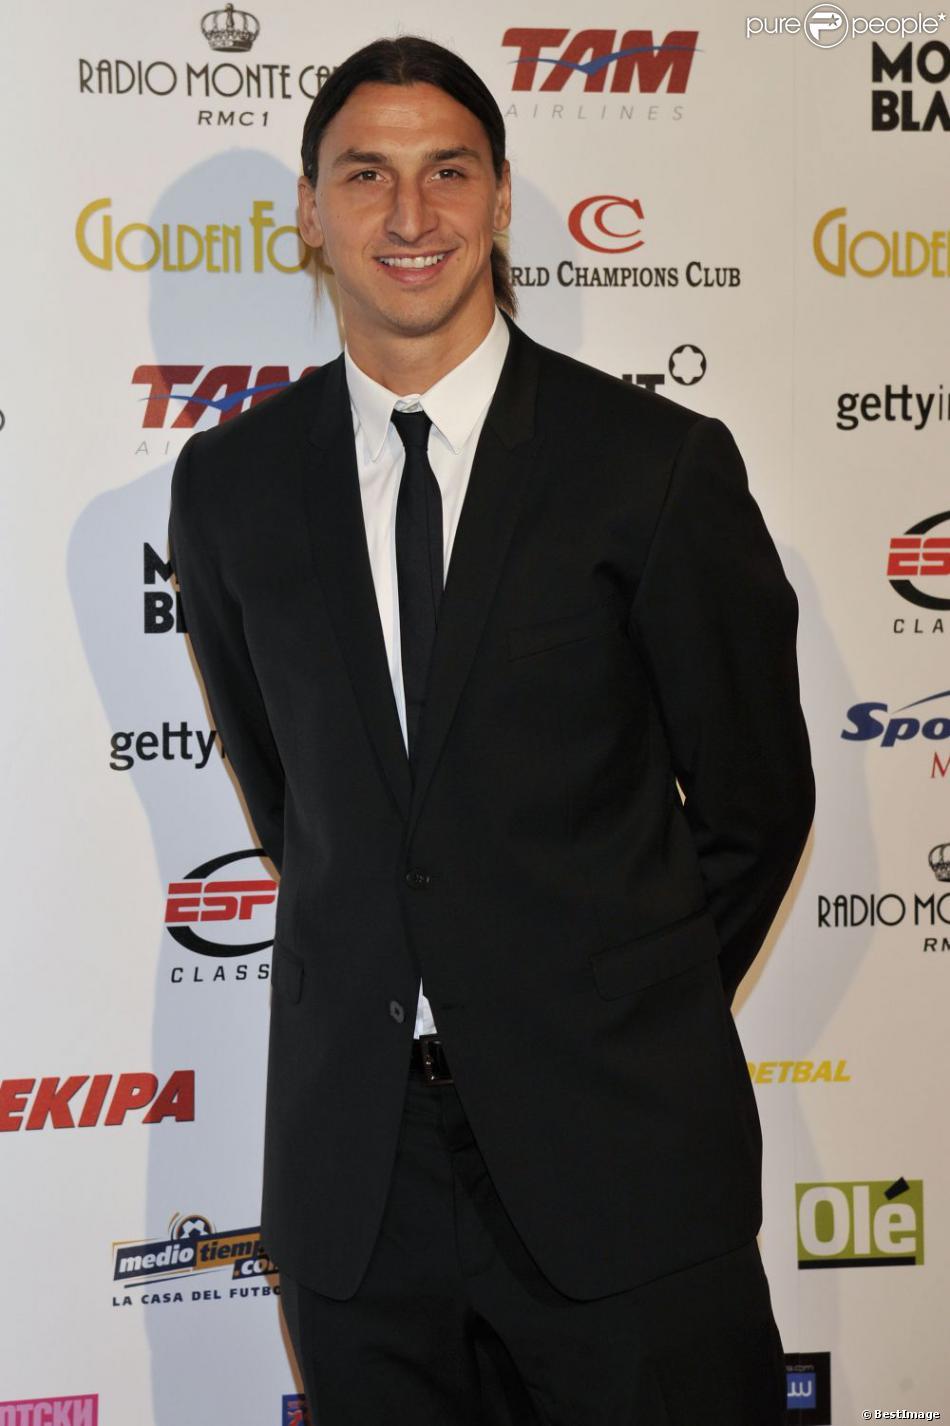 Zlatan Ibrahimovic lors de la céremonie du Golden Foot Award à Monaco le 17 Avril 2012 au Sporting de Monte-Carlo